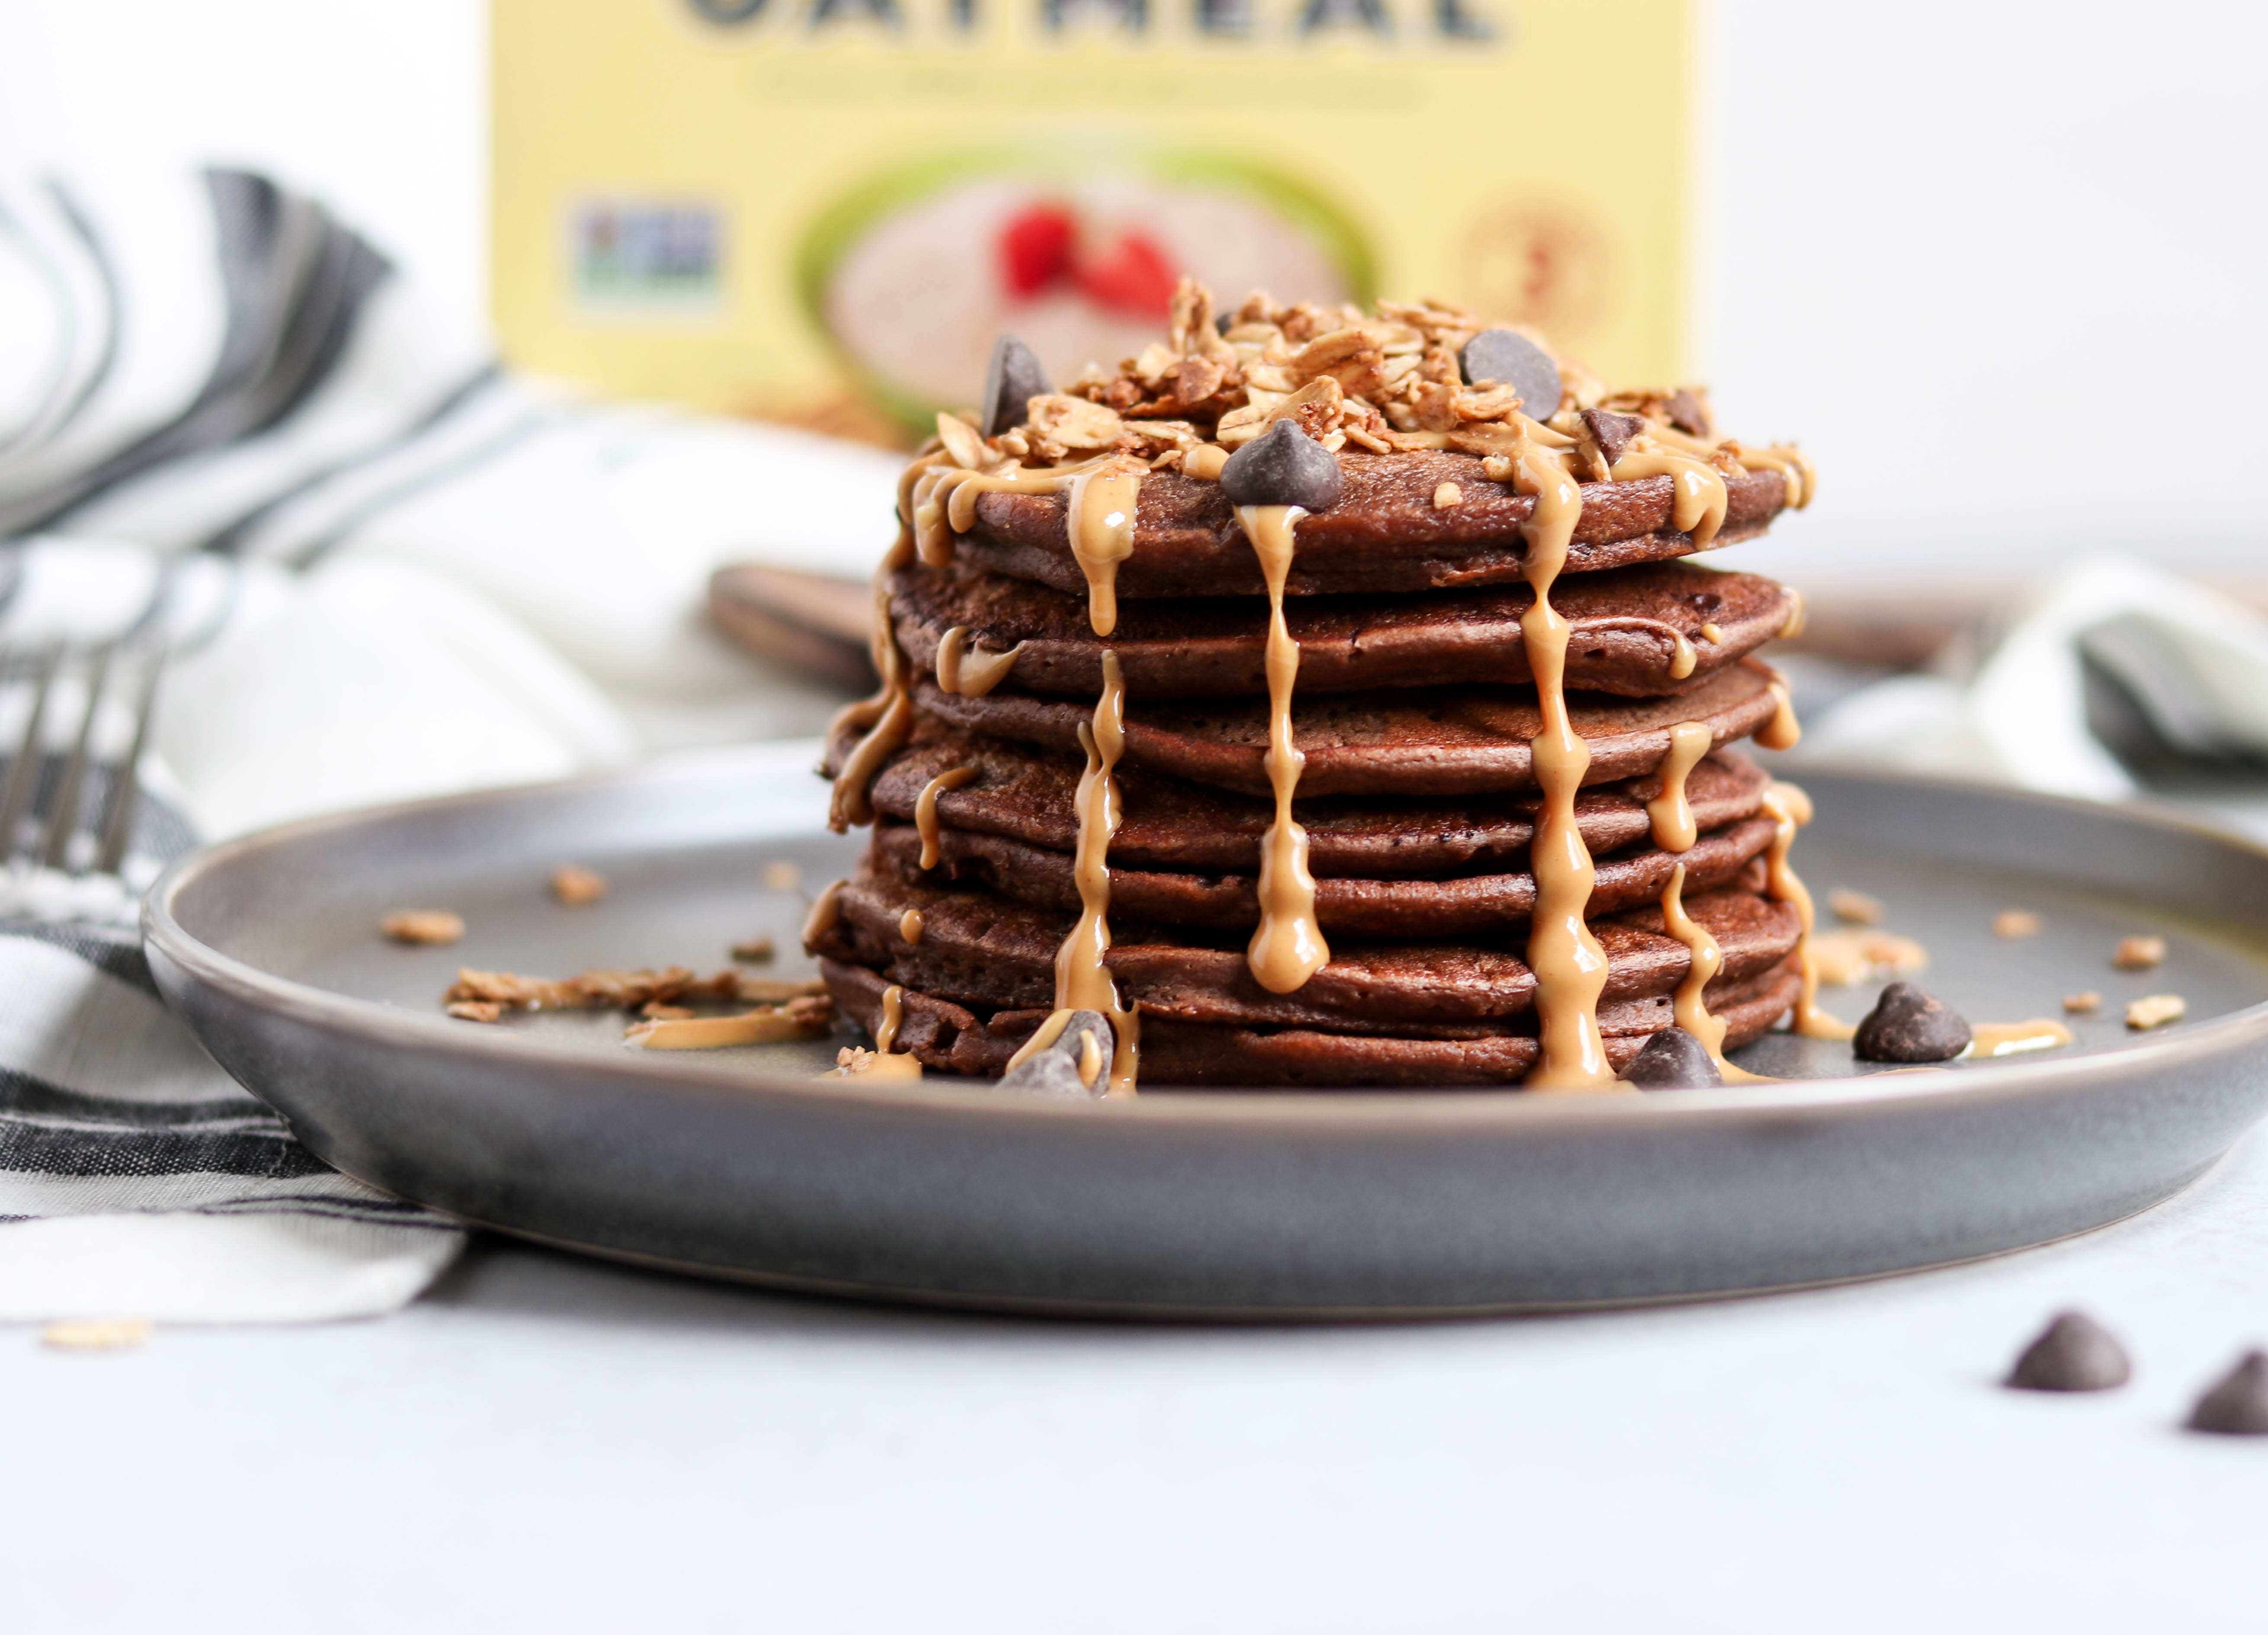 Flahavan's Irish Oats Sweepstakes + Double Chocolate Banana Oat Blender Pancakes